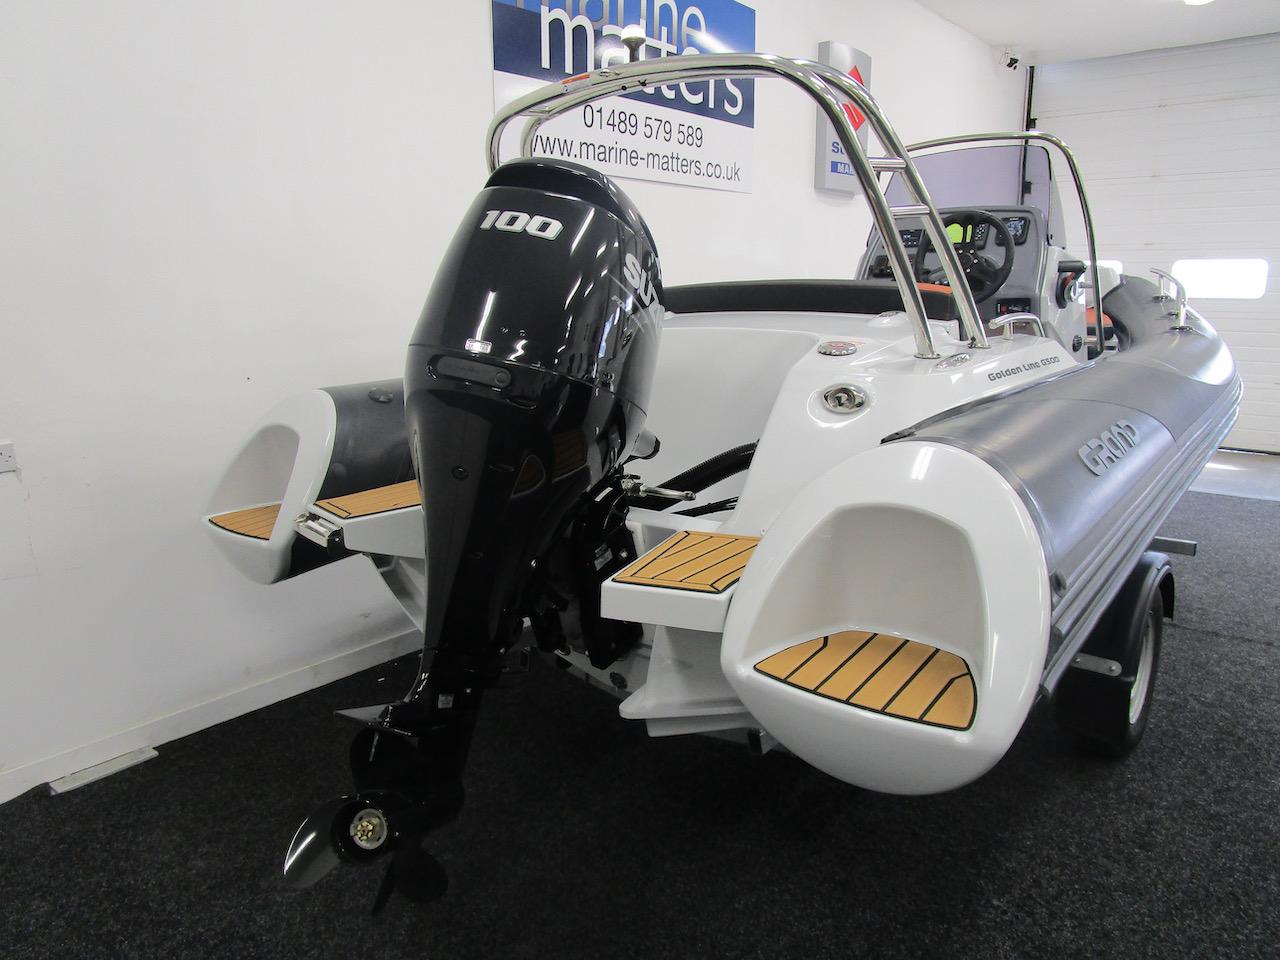 GRAND G500 RIB stern & Suzuki DF100BTL outboard